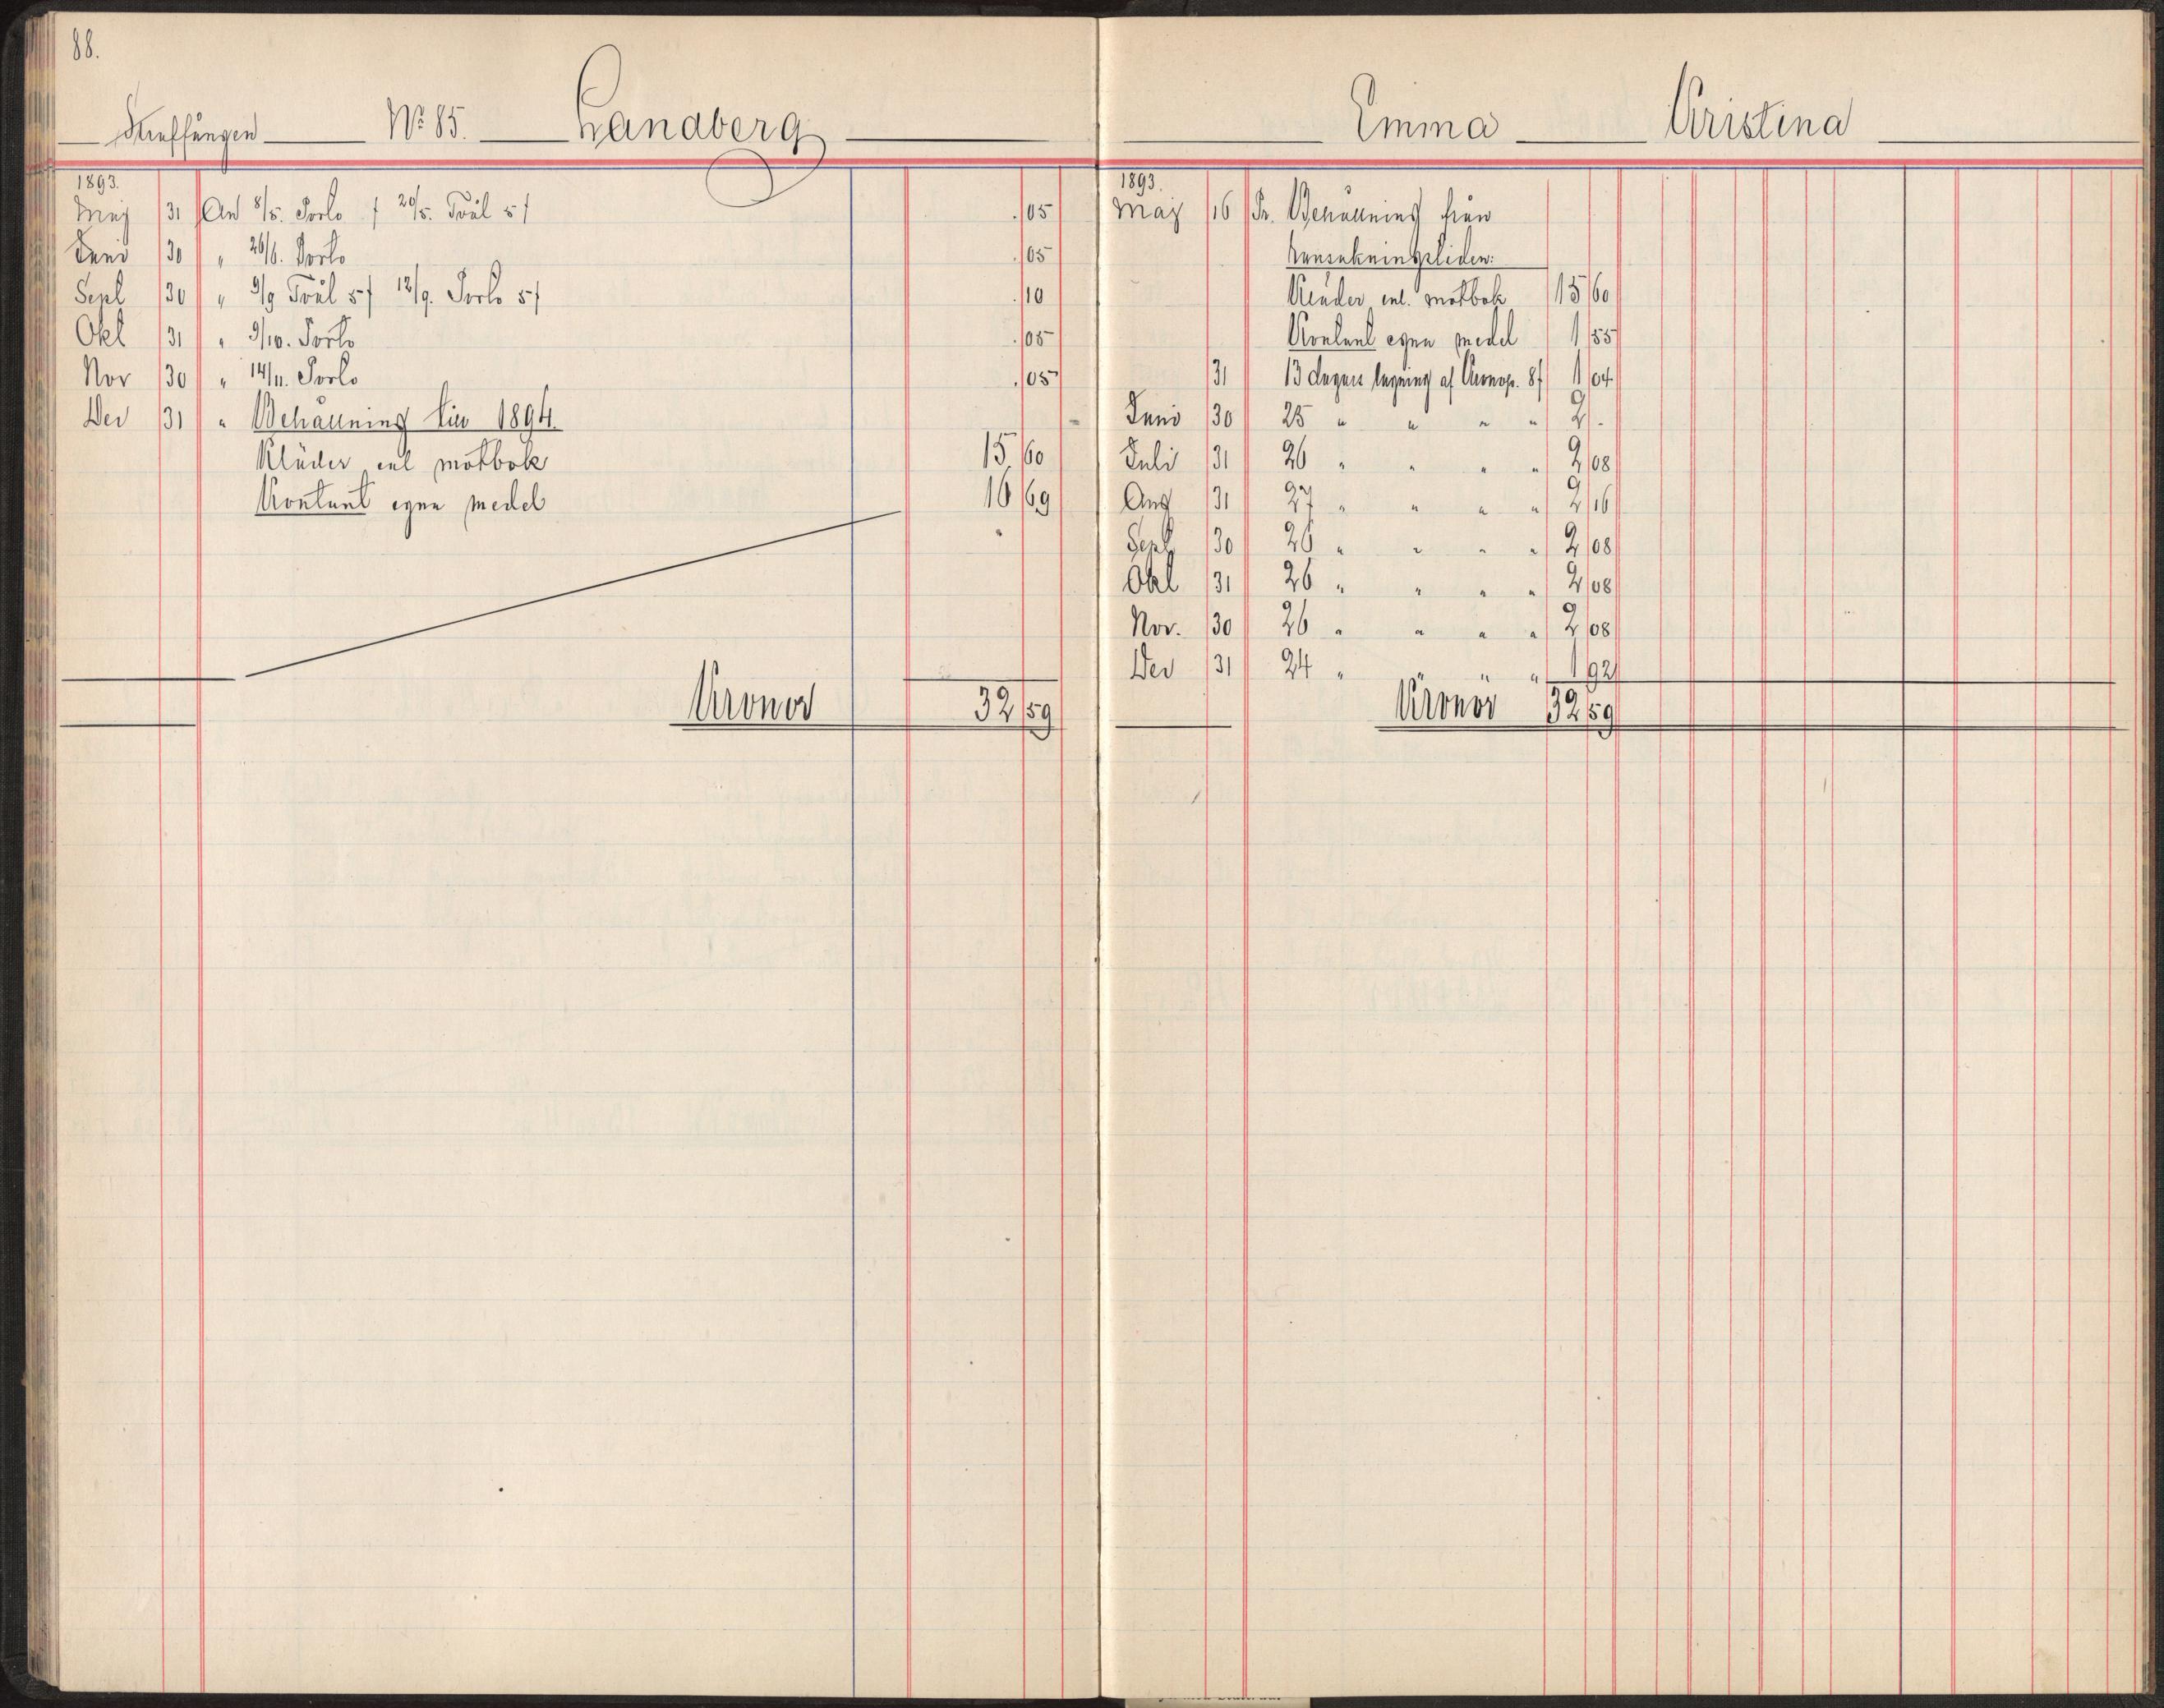 I avräkningsboken förs både inkomster och utgifter in. Man kan se att Emma Kristina tjänat pengar på att laga kronopersedlar (kläder från militären) och använt pengarna till tvål och porto